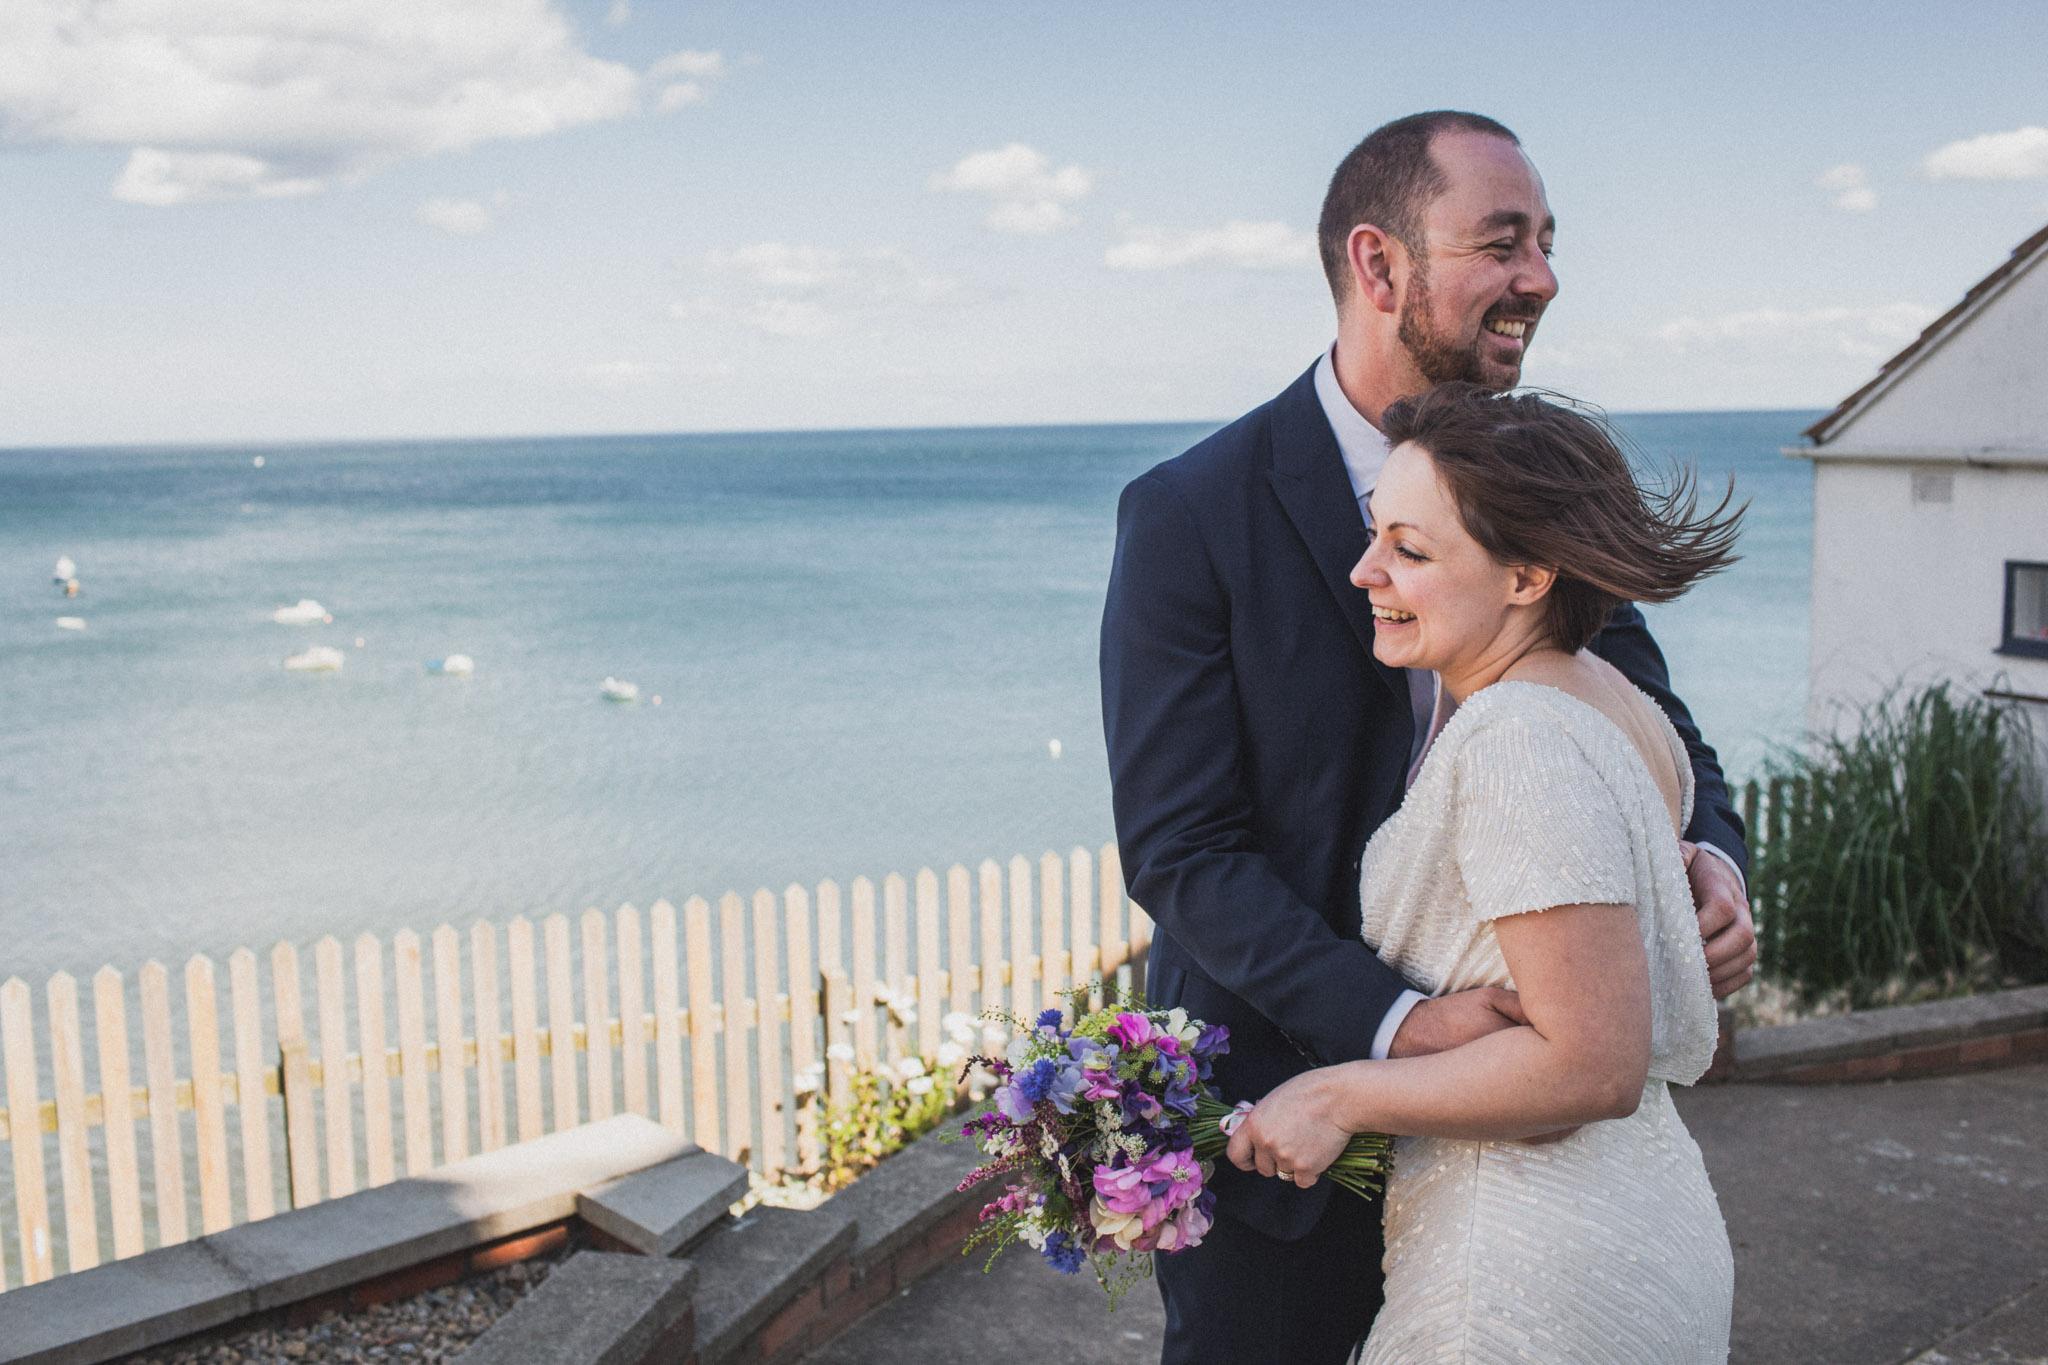 wedding_robin_hoods_bay_whitby_055.jpg